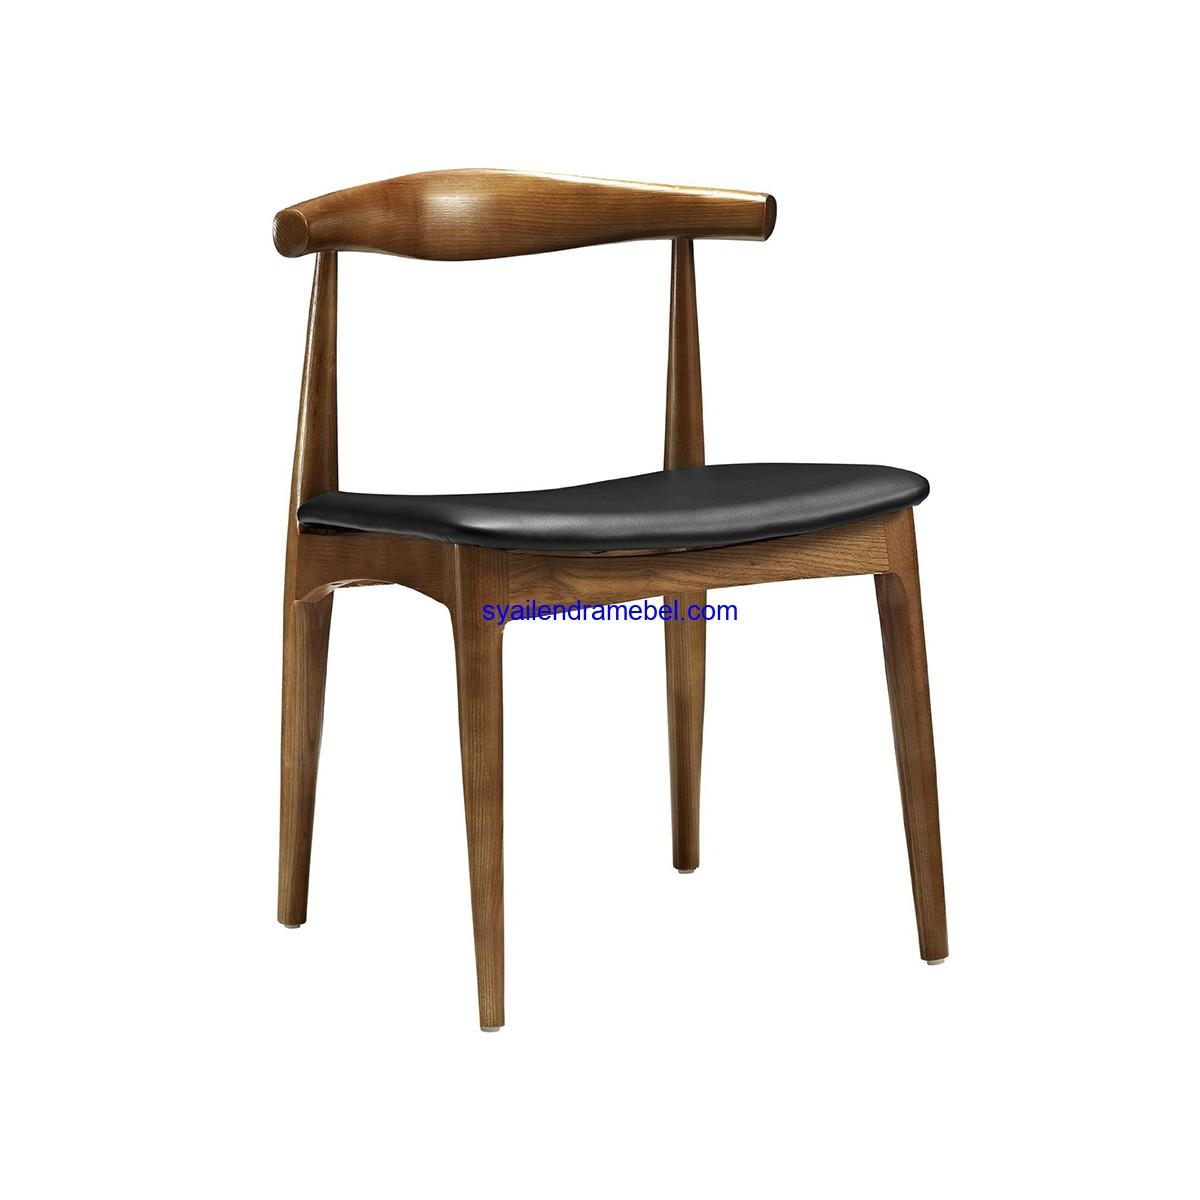 Kursi Cafe Minimalis Mustang,kursi bar,kursi bar kayu,kursi bar minimalis,kursi bar stool,gambar kursi bar,set kursi cafe,kursi tiffany, set meja kursi cafe,jual kursi set cafe,harga set kursi cafe,kursi cafe,kursi cafe kayu,furniture kursi cafe,gambar kursi cafe,kursi meja cafe,kursi makan, meja kursi makan,meja makan,set kursi makan,meja makan minimalis,meja kursi makan terbaru,mebel jepara,furniture jepara,kursi cafe minimalis, kursi bar cafe murah,harga kursi bar cafe,model kursi bar cafe,gambar kursi bar minimalis,kursi bar jati jepara, kursi bar jati modern,kursi bar kayu murah,kursi bar kaki besi,kursi bar pendek,